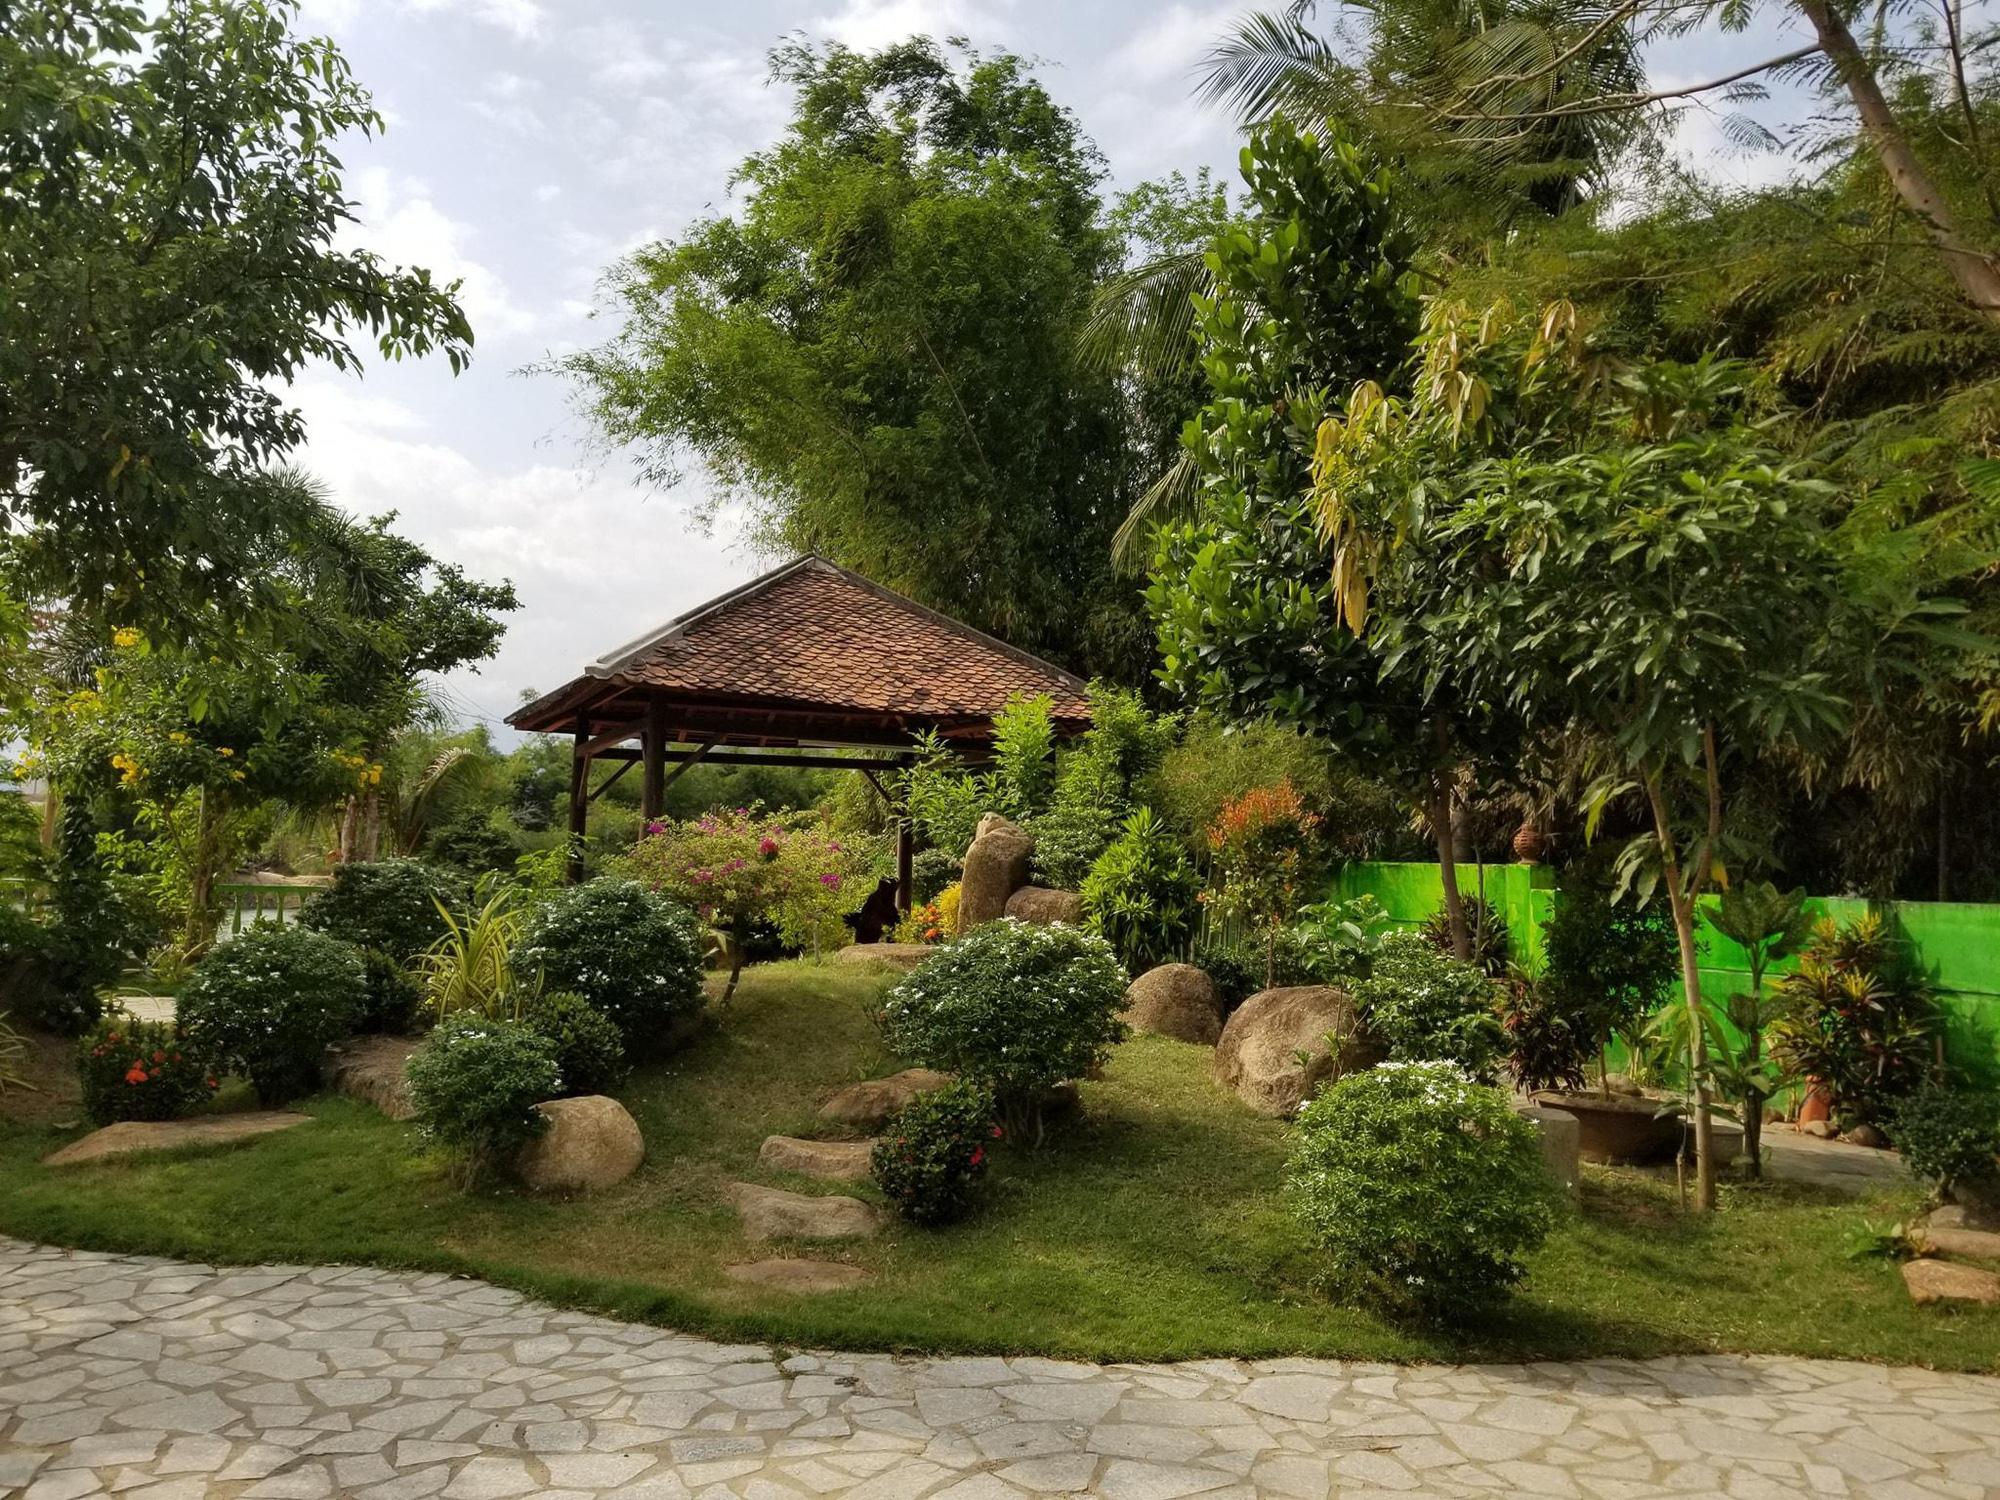 """Điều bất ngờ bên trong """"biệt phủ"""" gỗ hoành tráng rộng 1300m2 ở Nha Trang - Ảnh 6."""